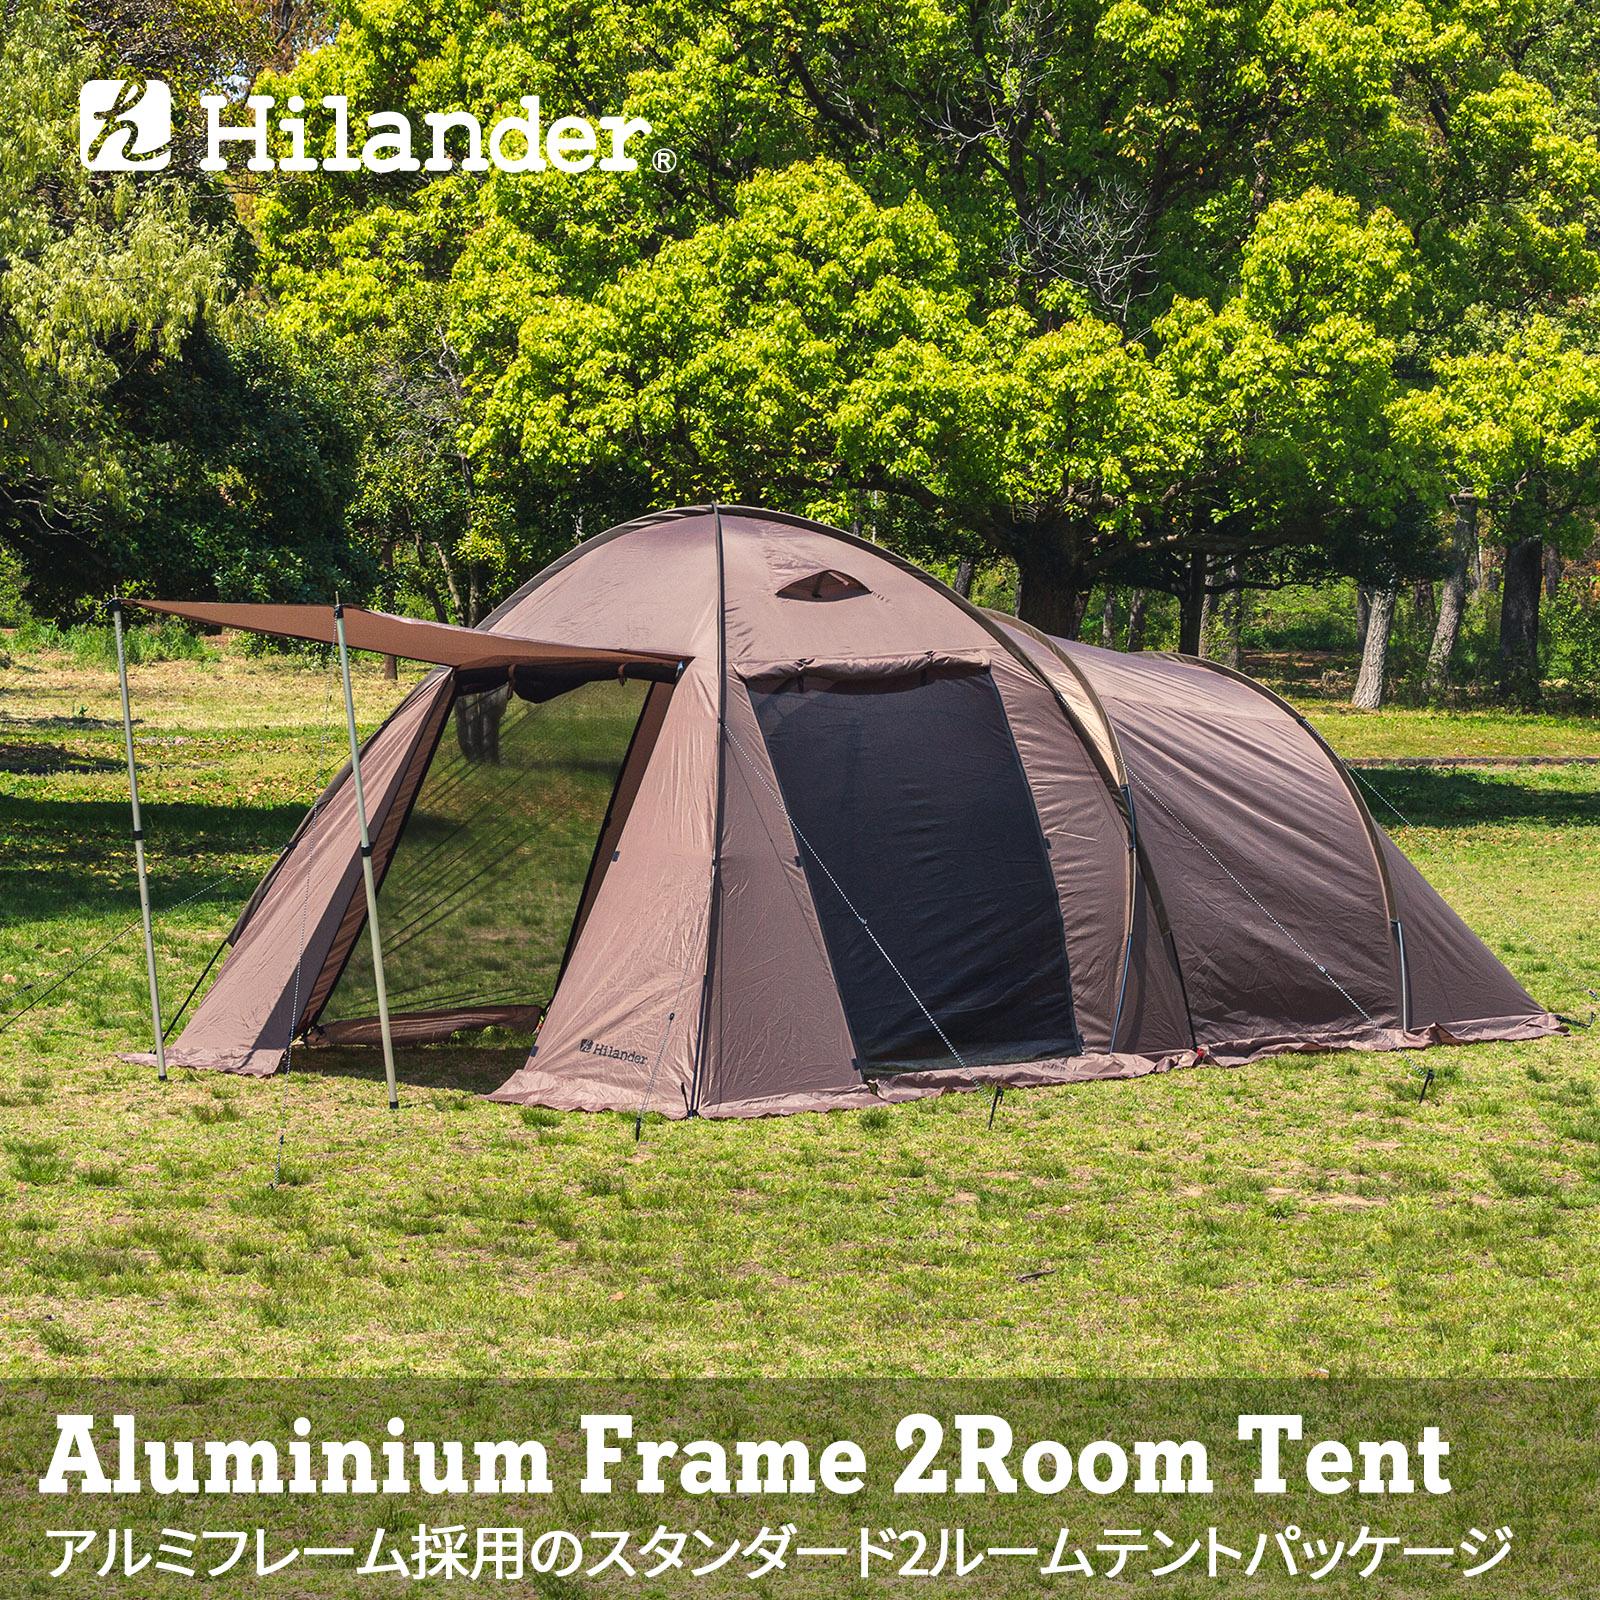 テント メーカー直送 Hilander ハイランダー アルミフレーム2ルームテント 新商品 新型 500270 HCA0356 スタートパッケージ